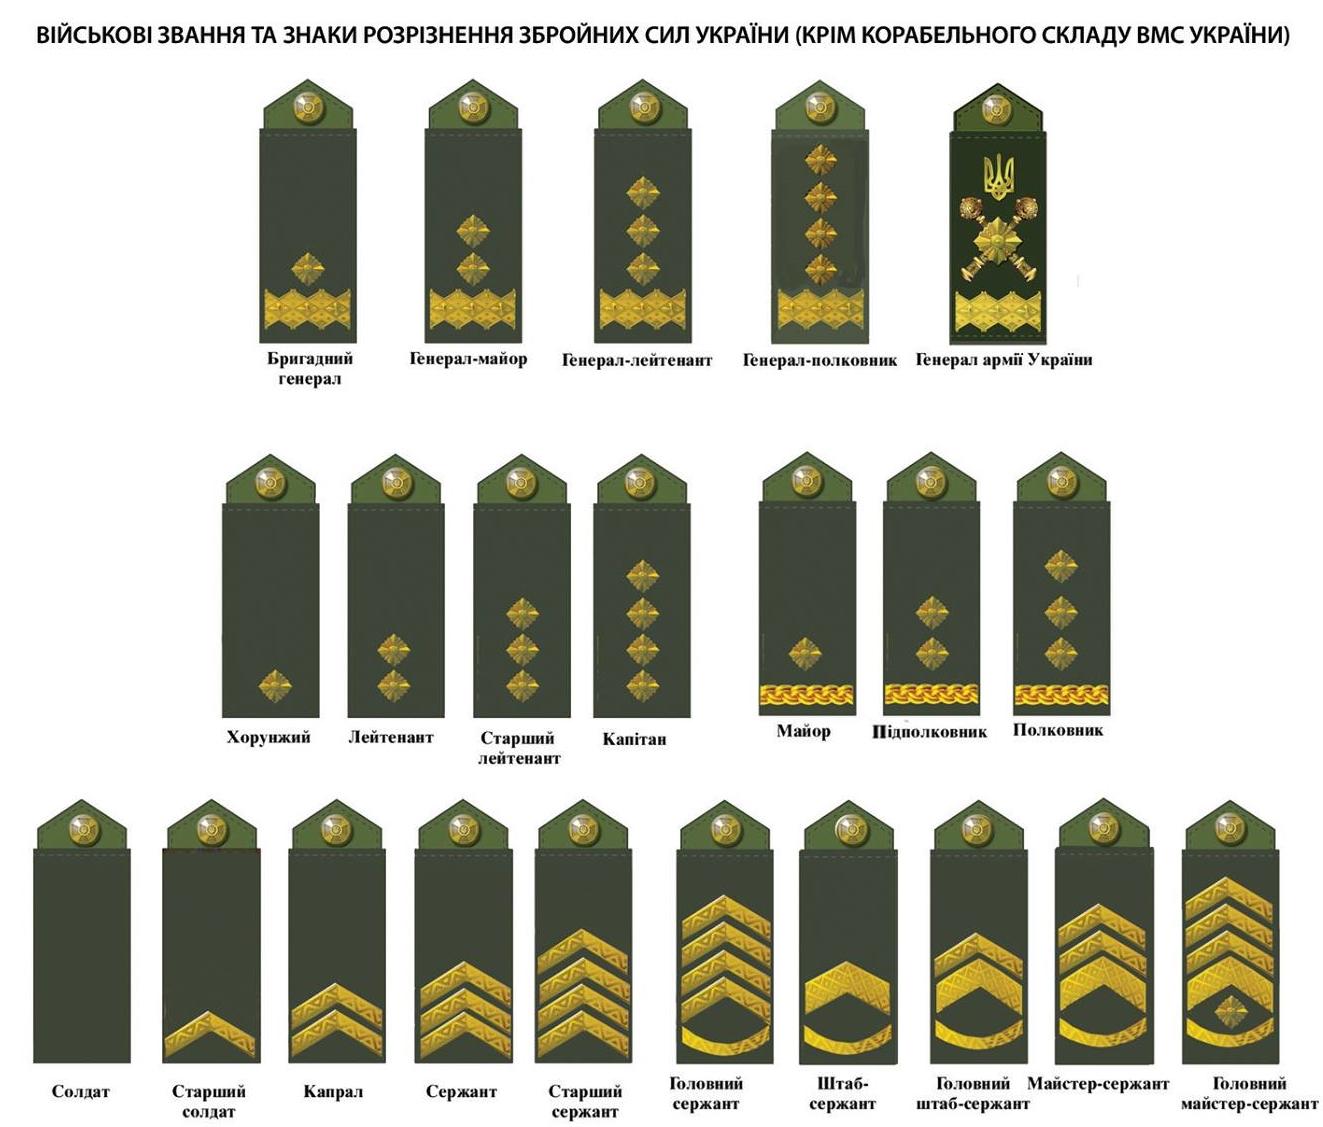 Військові звання та знаки розрізнення ЗСУ